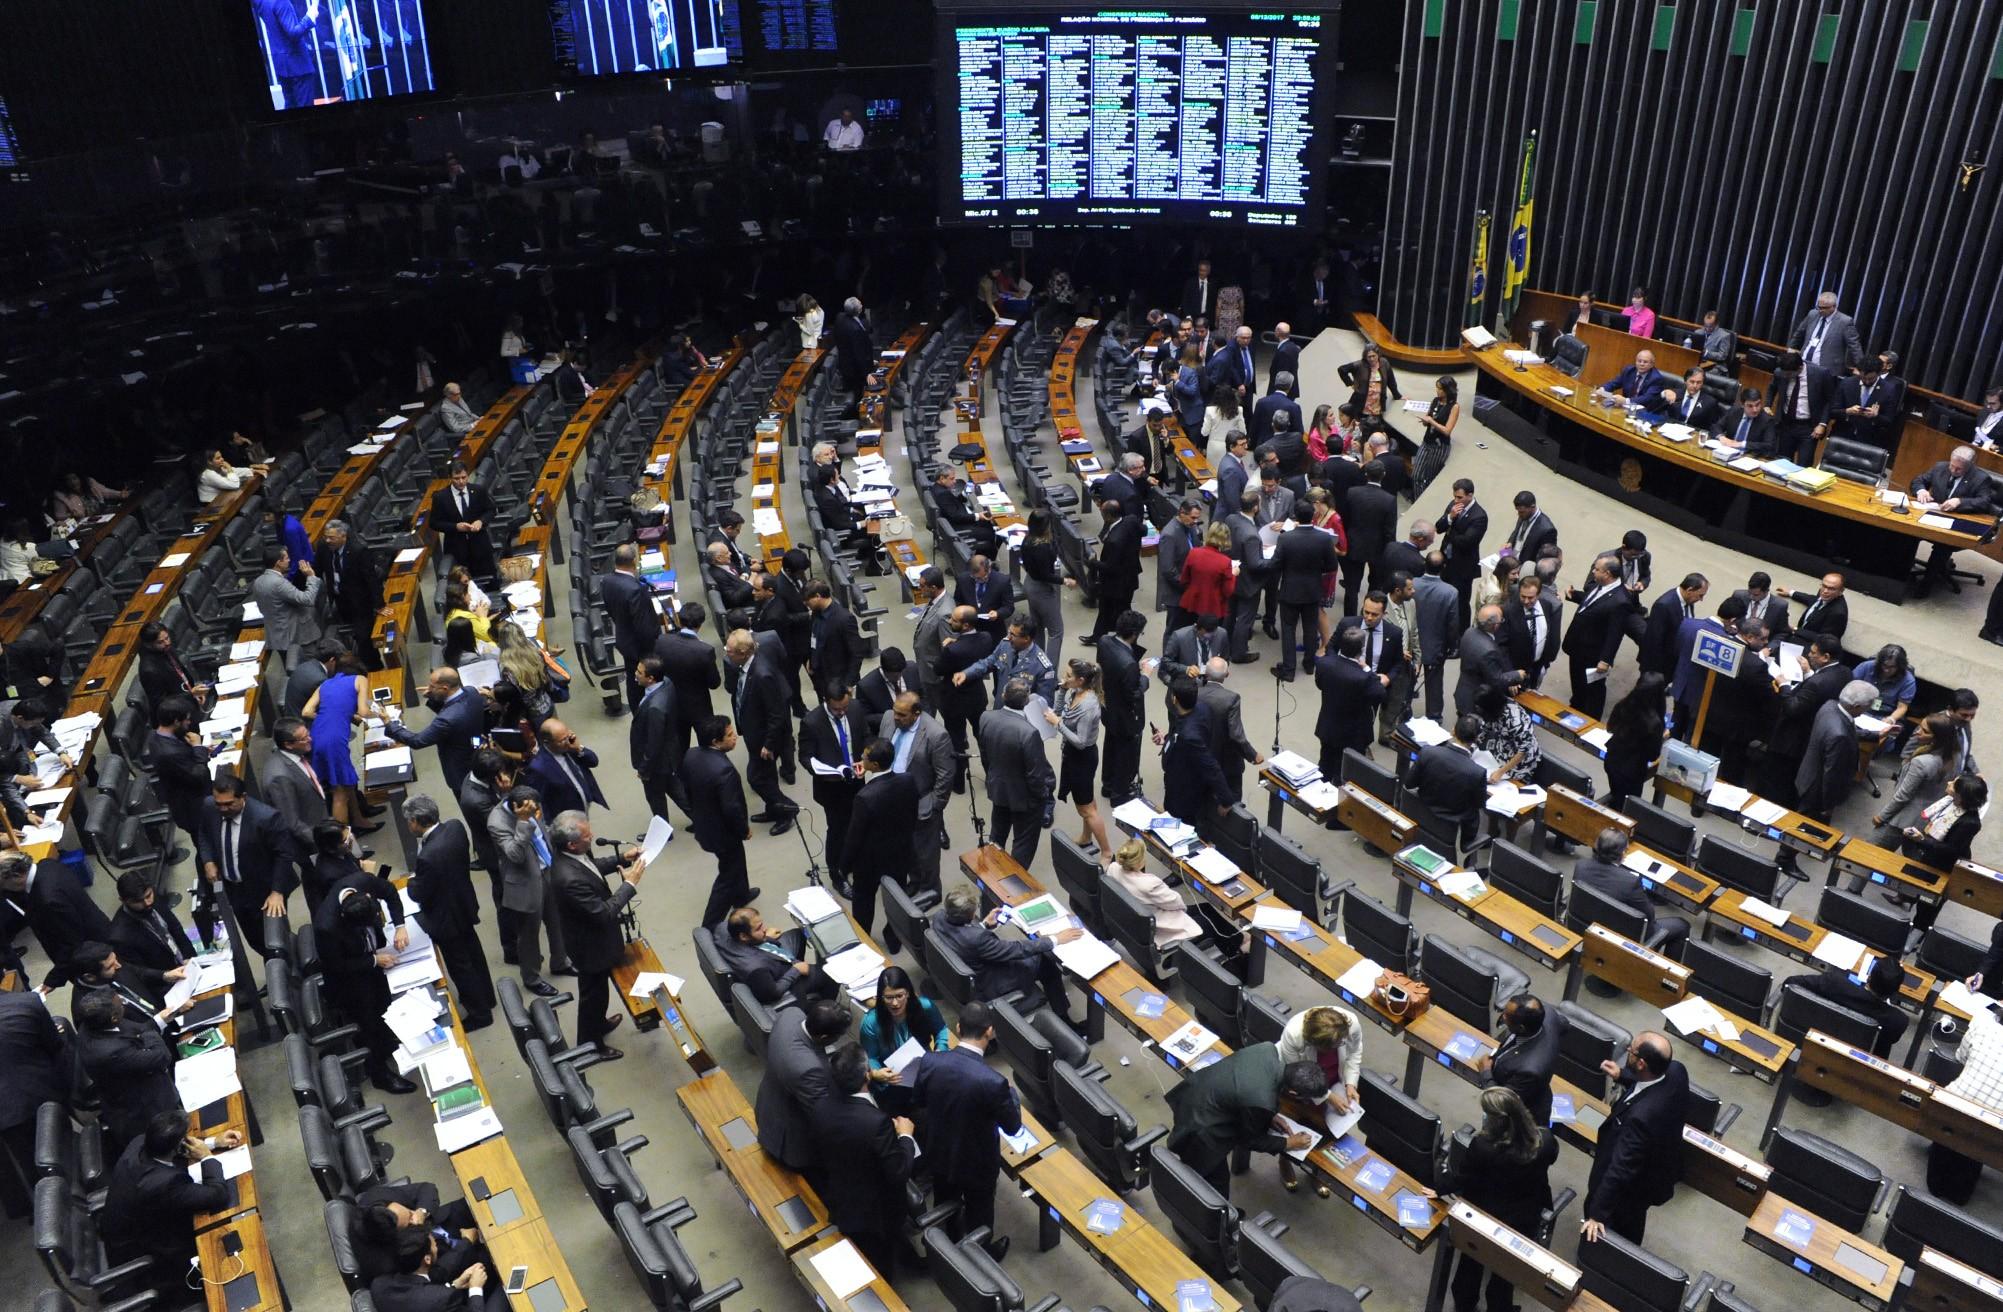 Câmara dos Deputados  (Foto: Divulgação/ Câmara dos Deputados)